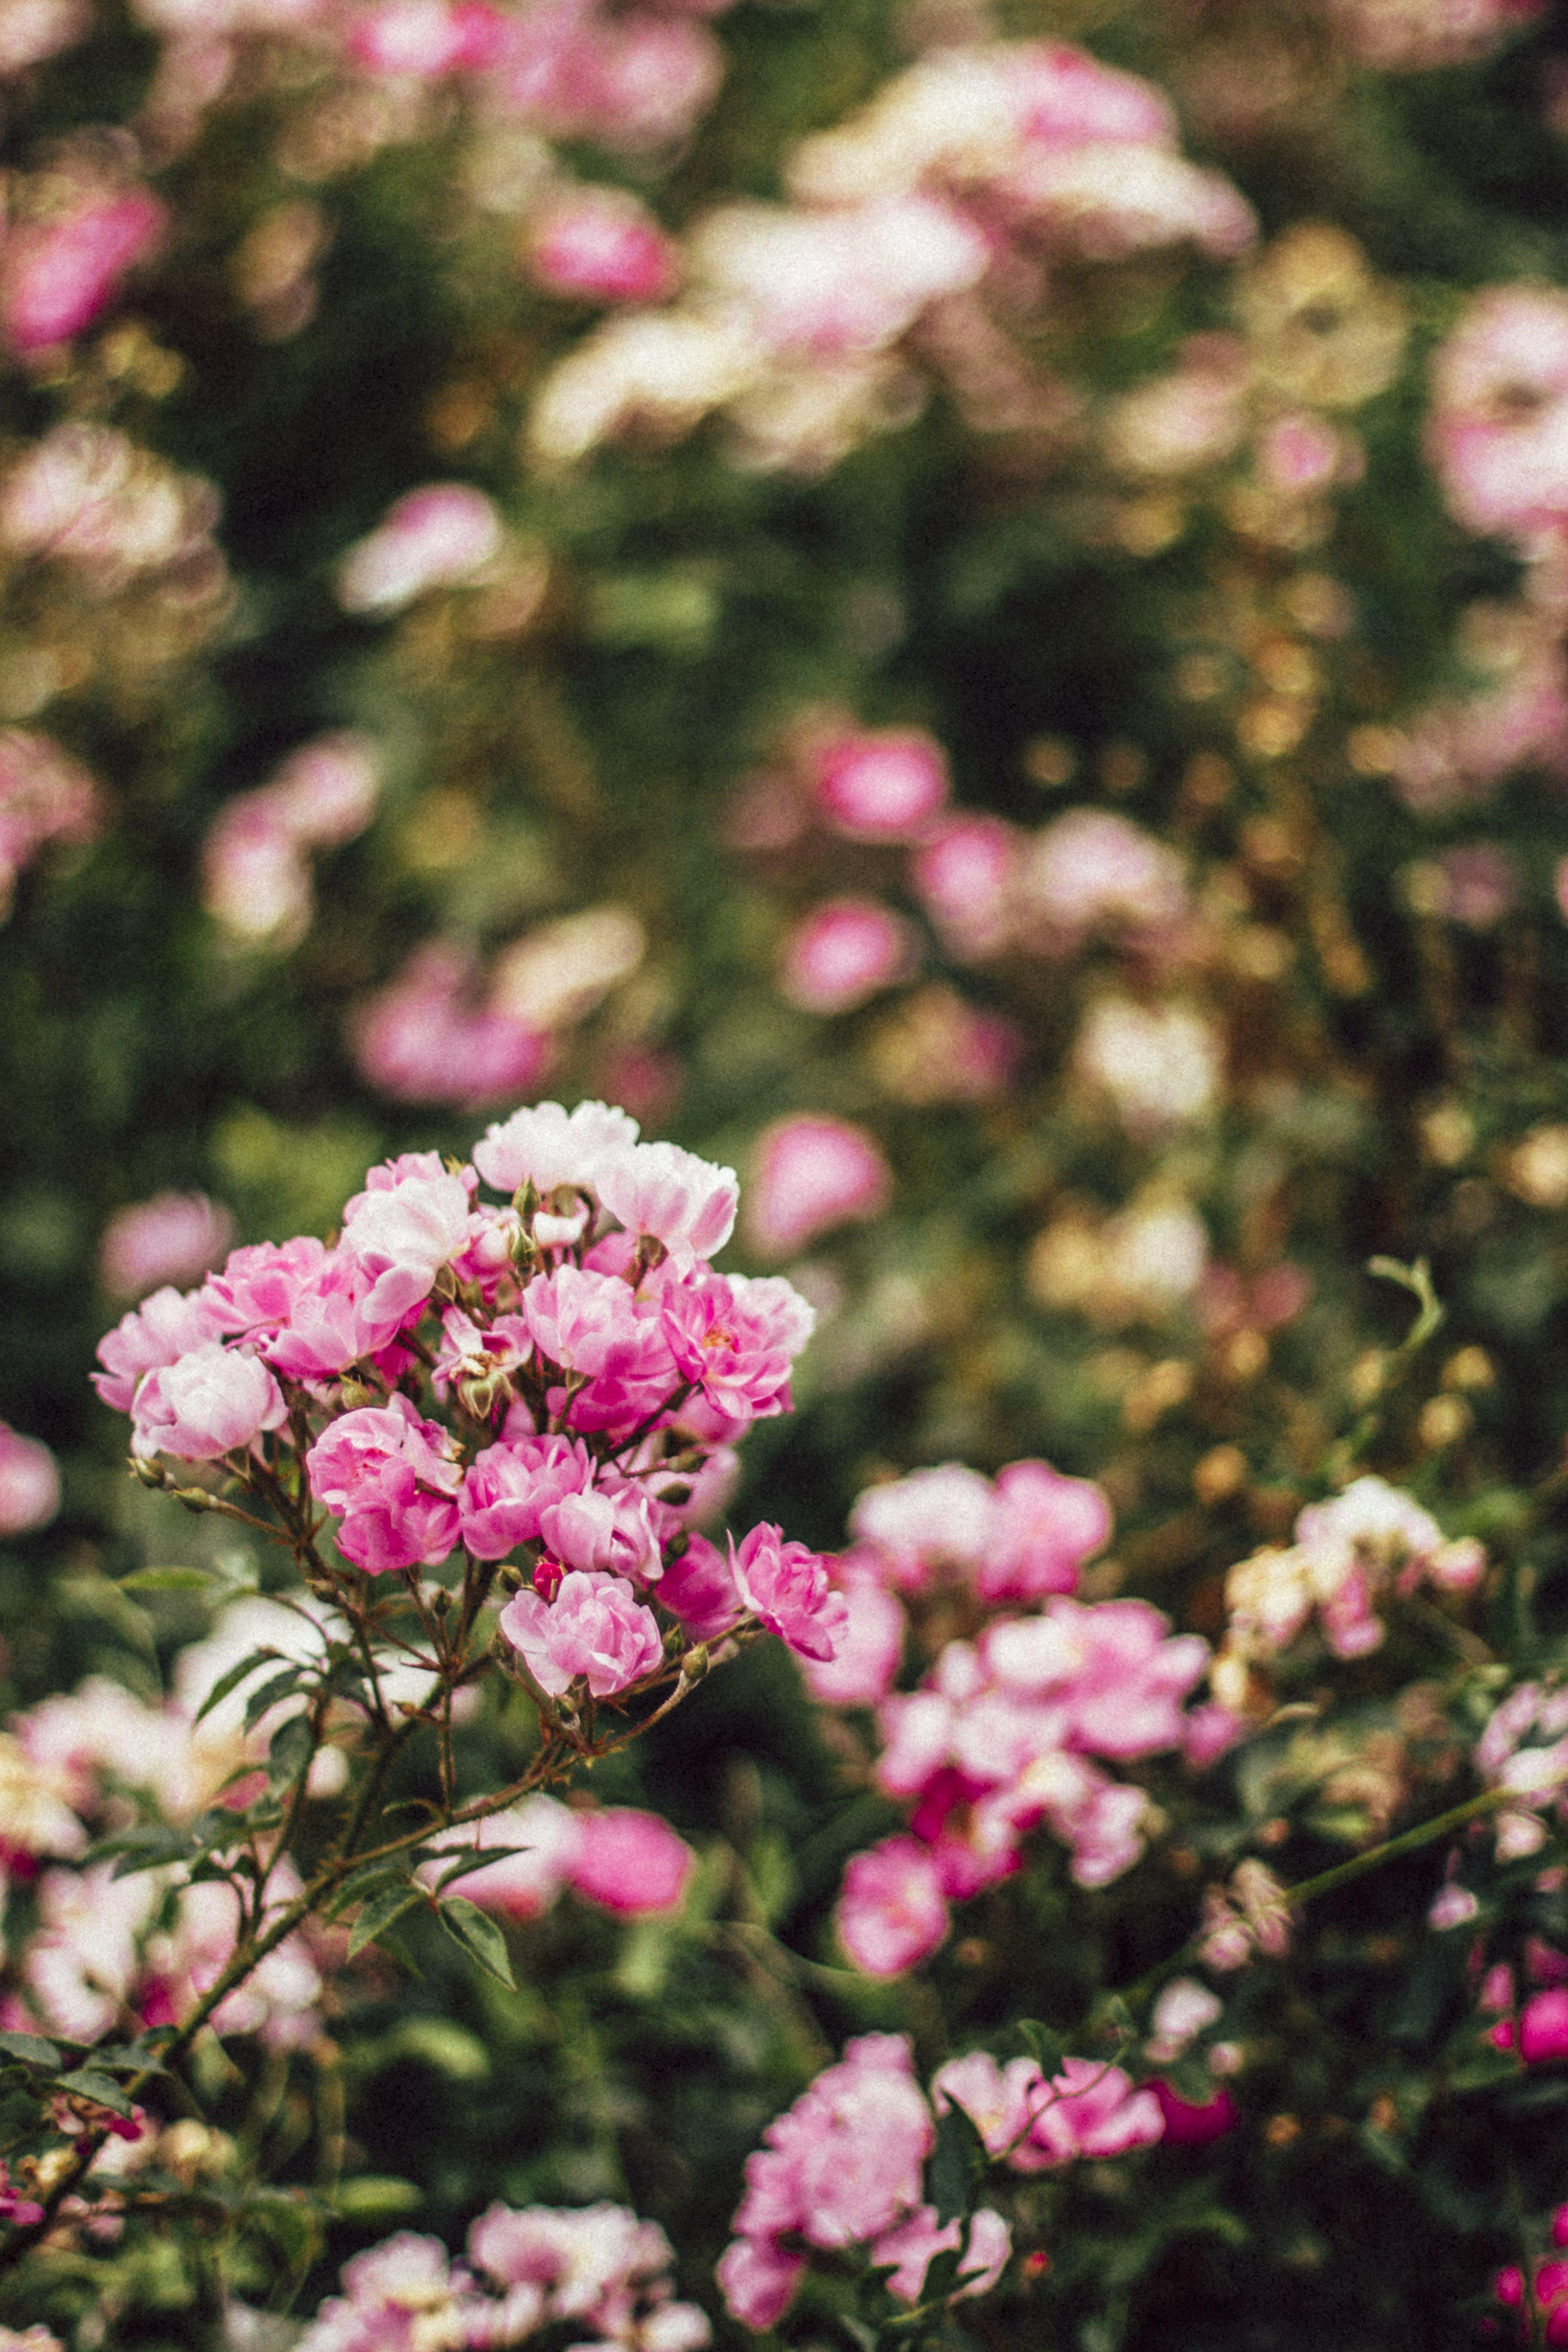 Pink Petaled Flower Tilt-shift Lens Photography